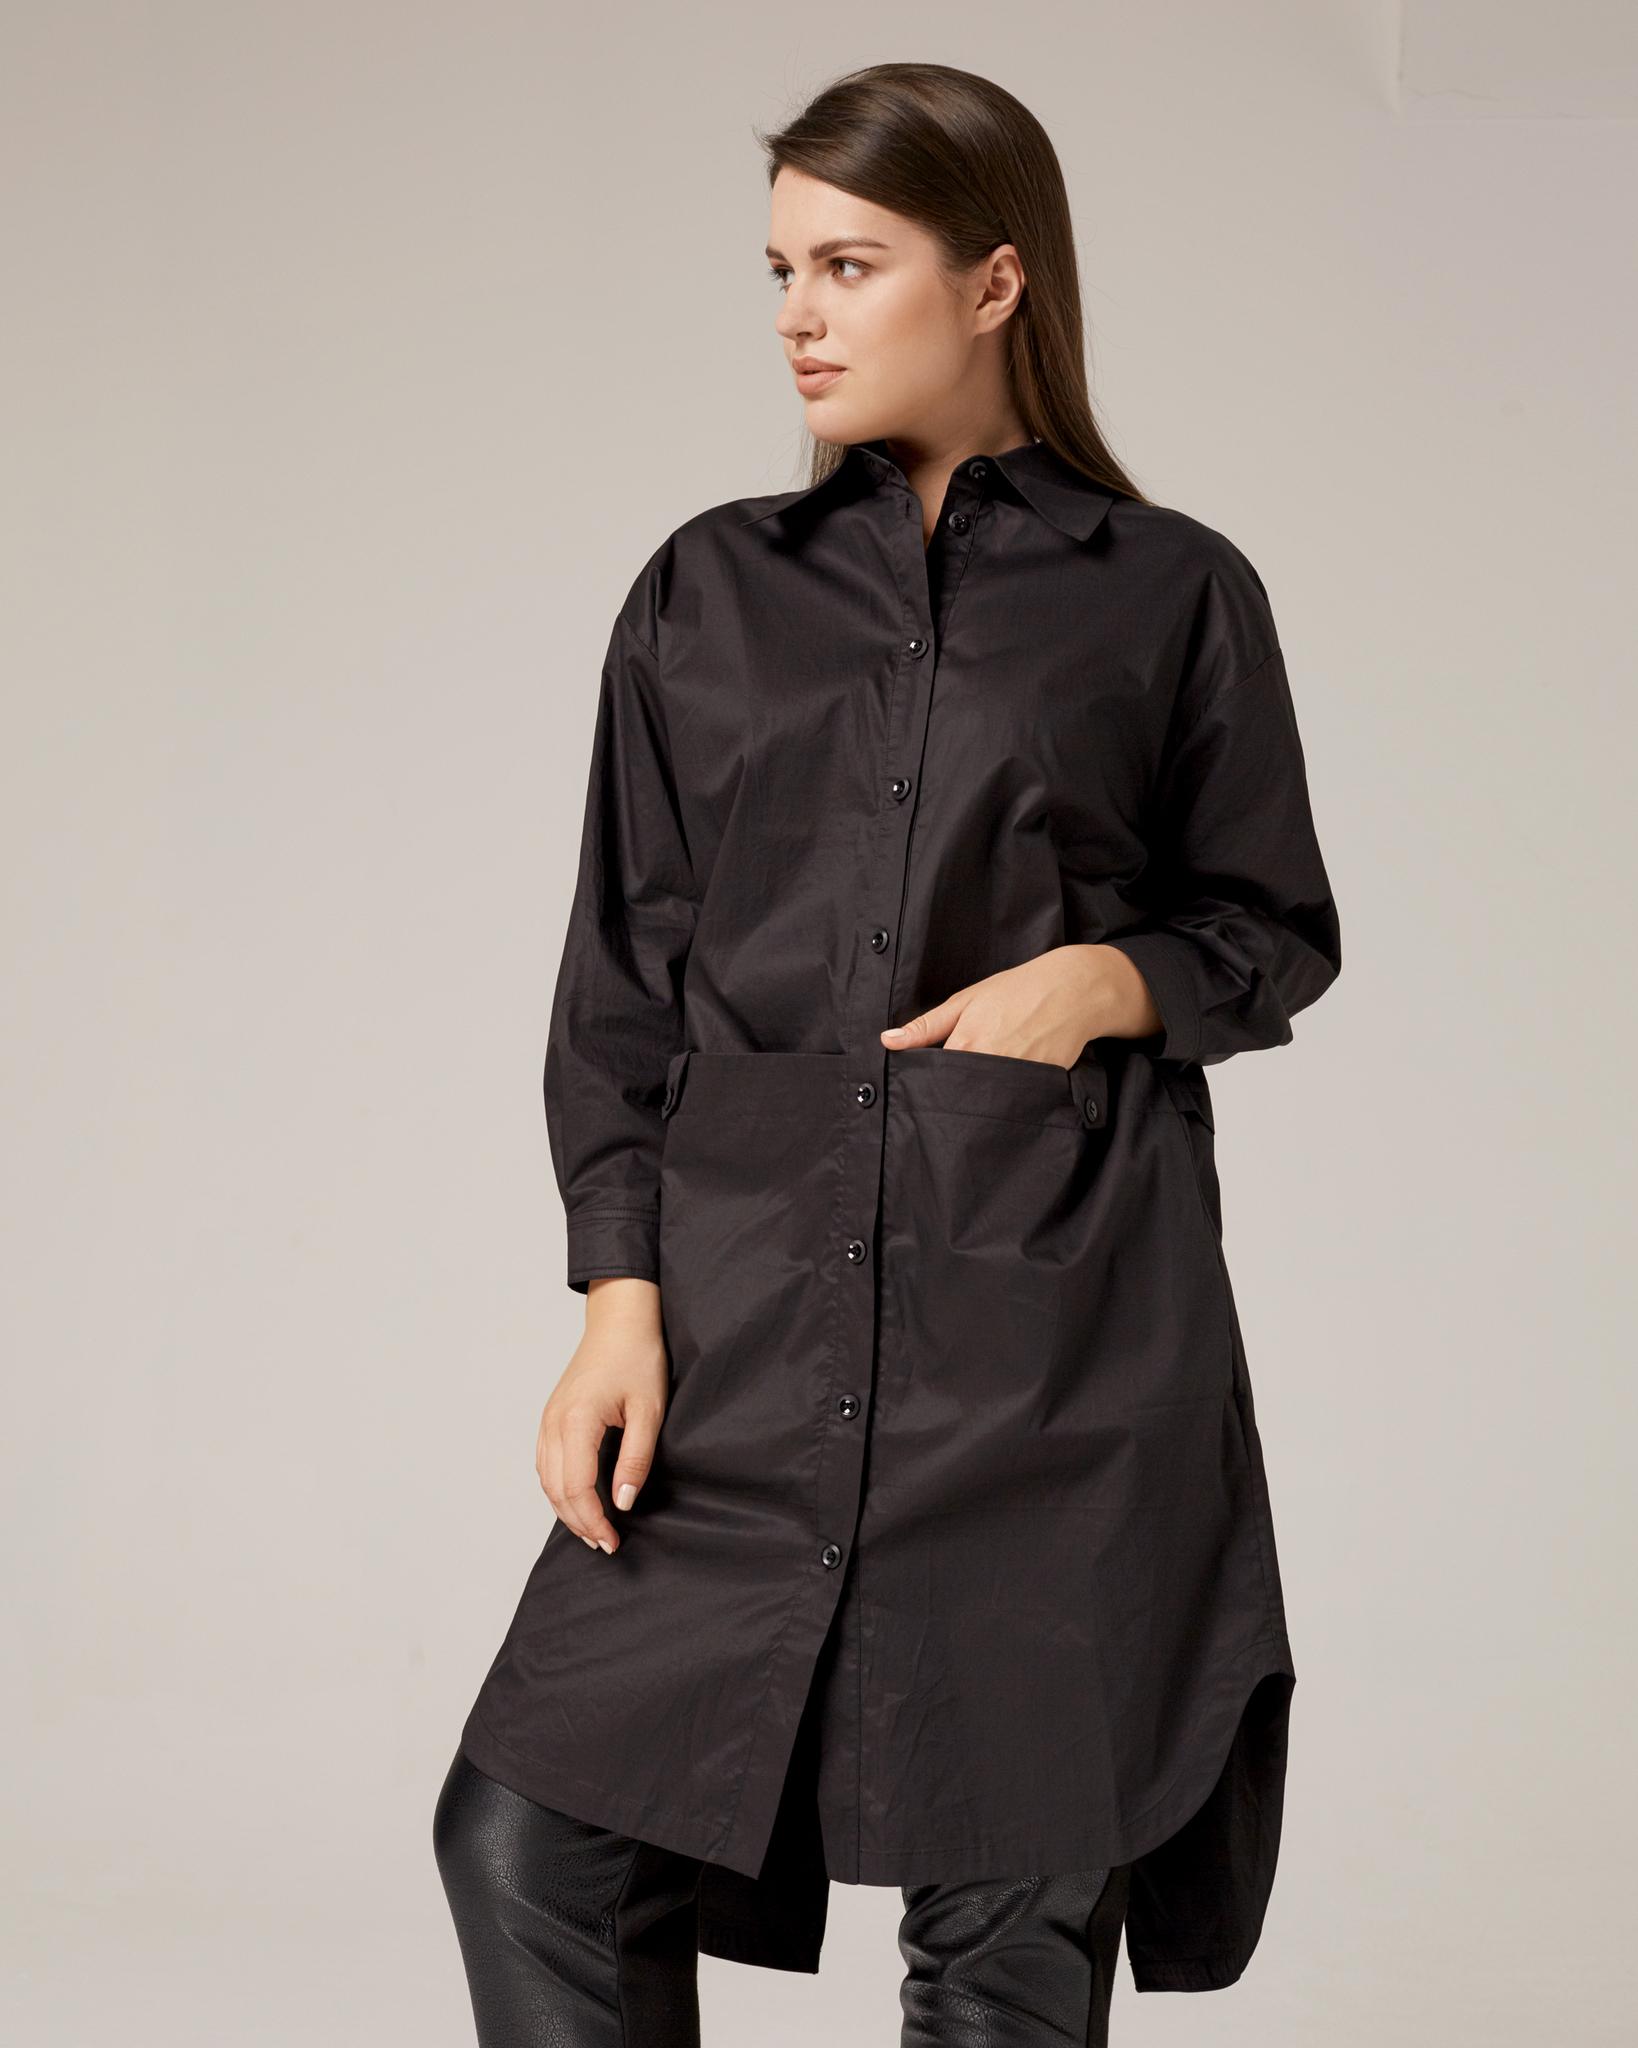 Hassfashion - бренд, учитывающий самые новые тренды моды!